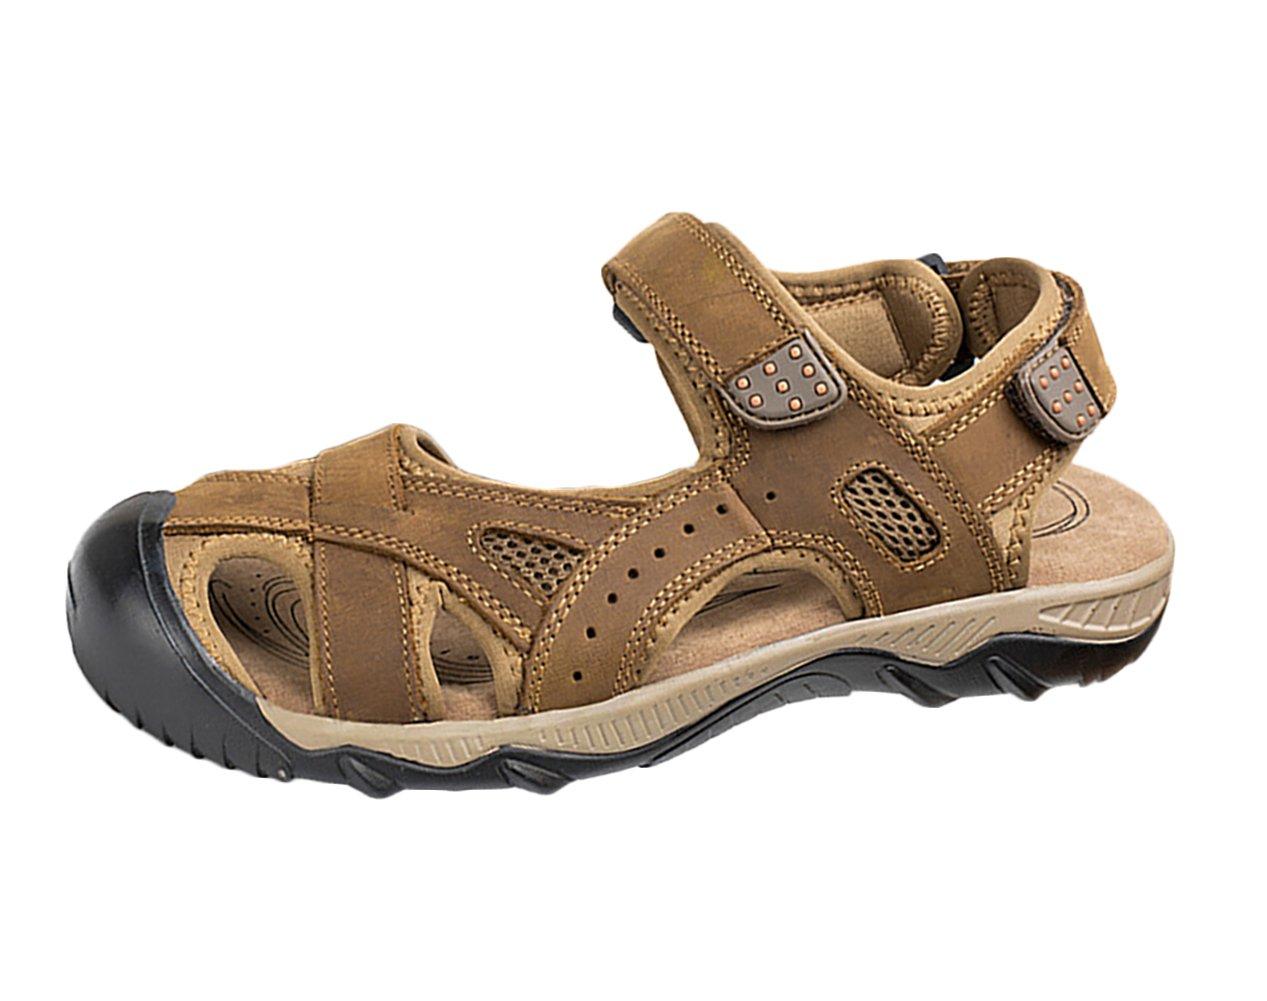 SK Studio Sandalias Hombre Montaña de Cuero Outdoor Transpirables Zapatos Con Velcro 38 EU Marrón Claro